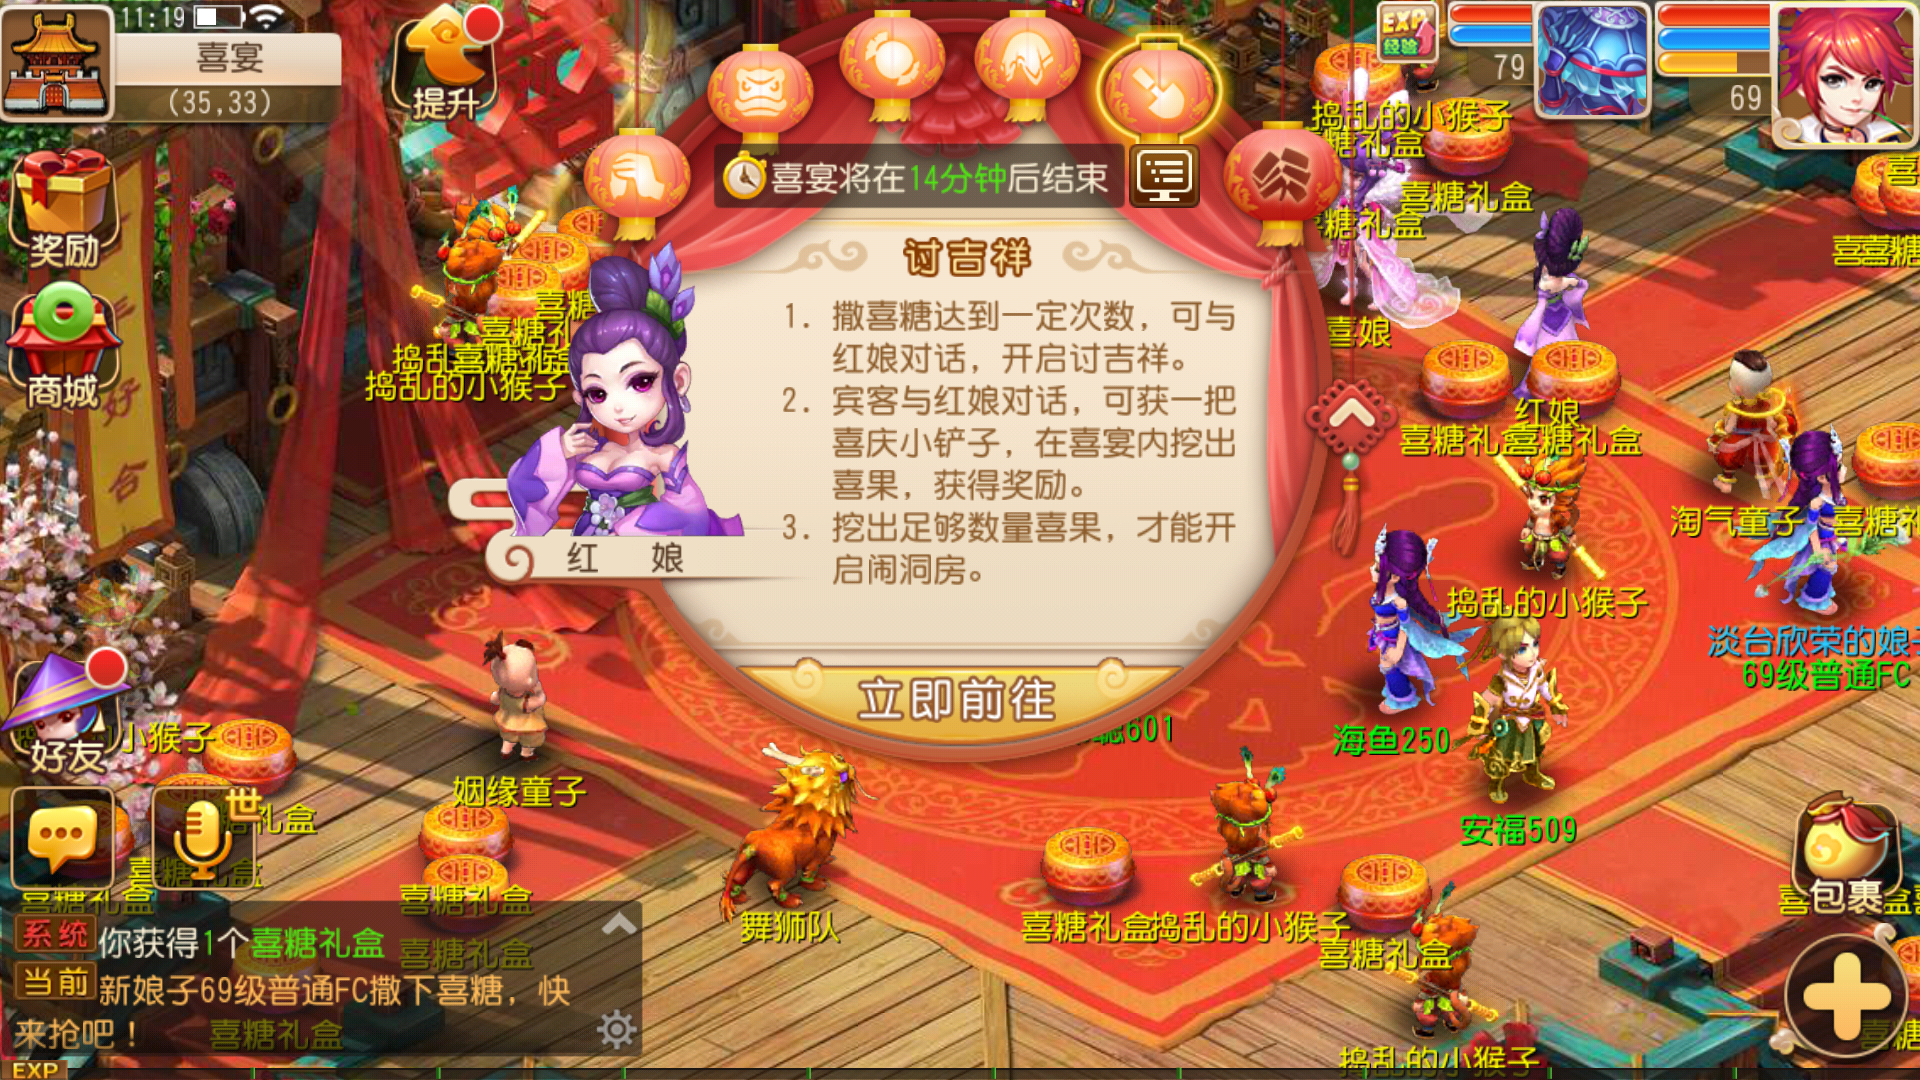 婚姻系统 -《梦幻西游手游》官方网站图片